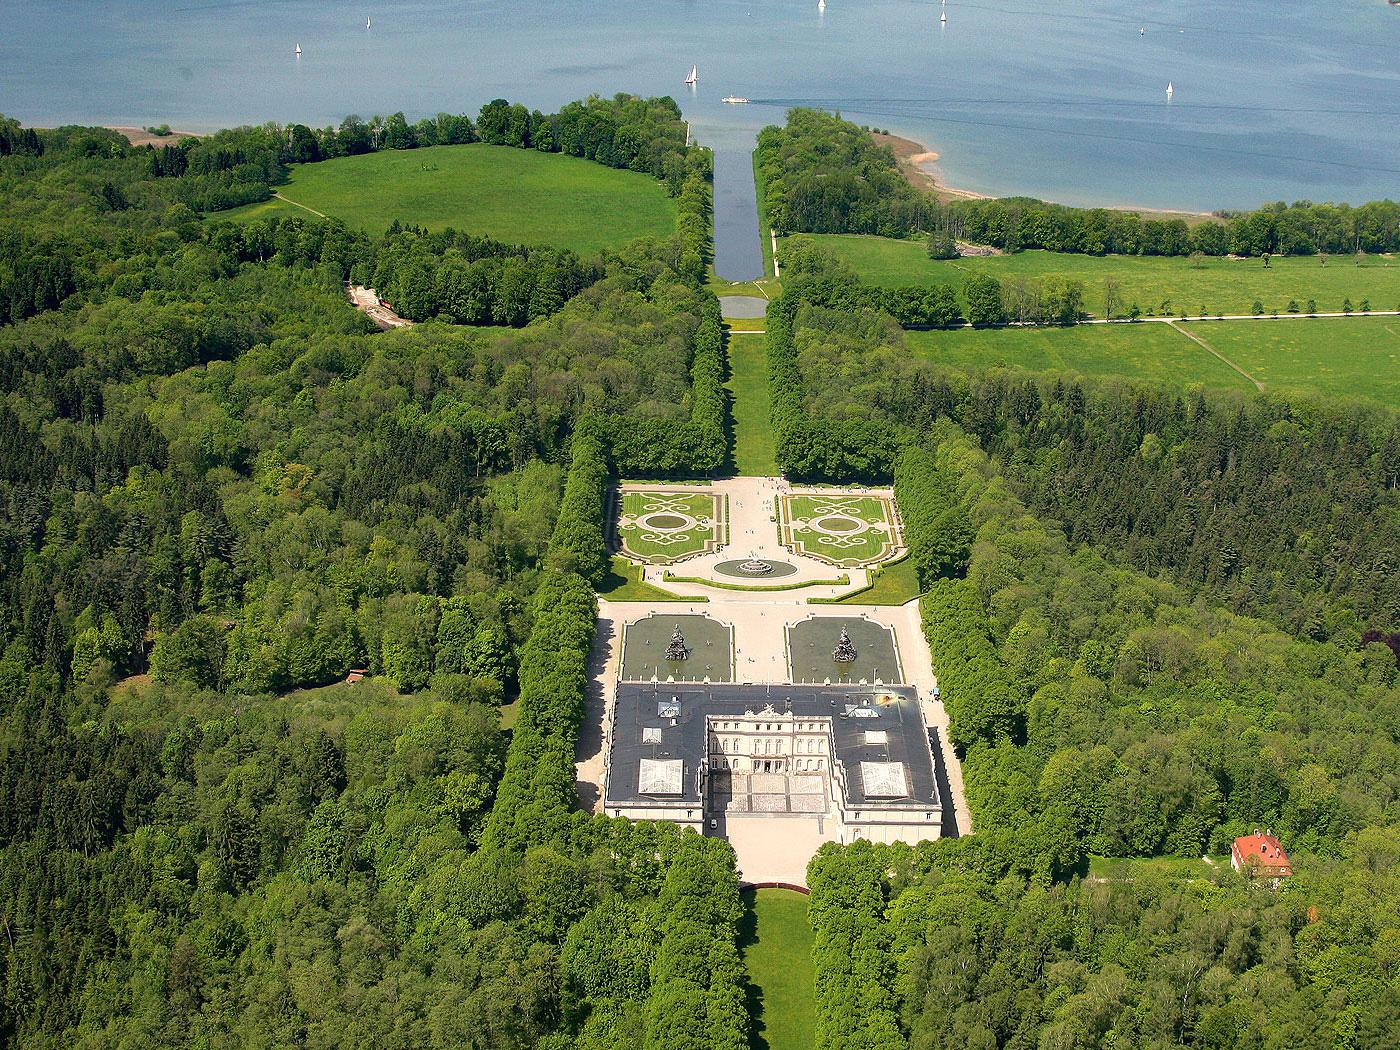 Bayerische Schlosserverwaltung Schloss Und Park Herrenchiemsee Neues Schloss Rundgang